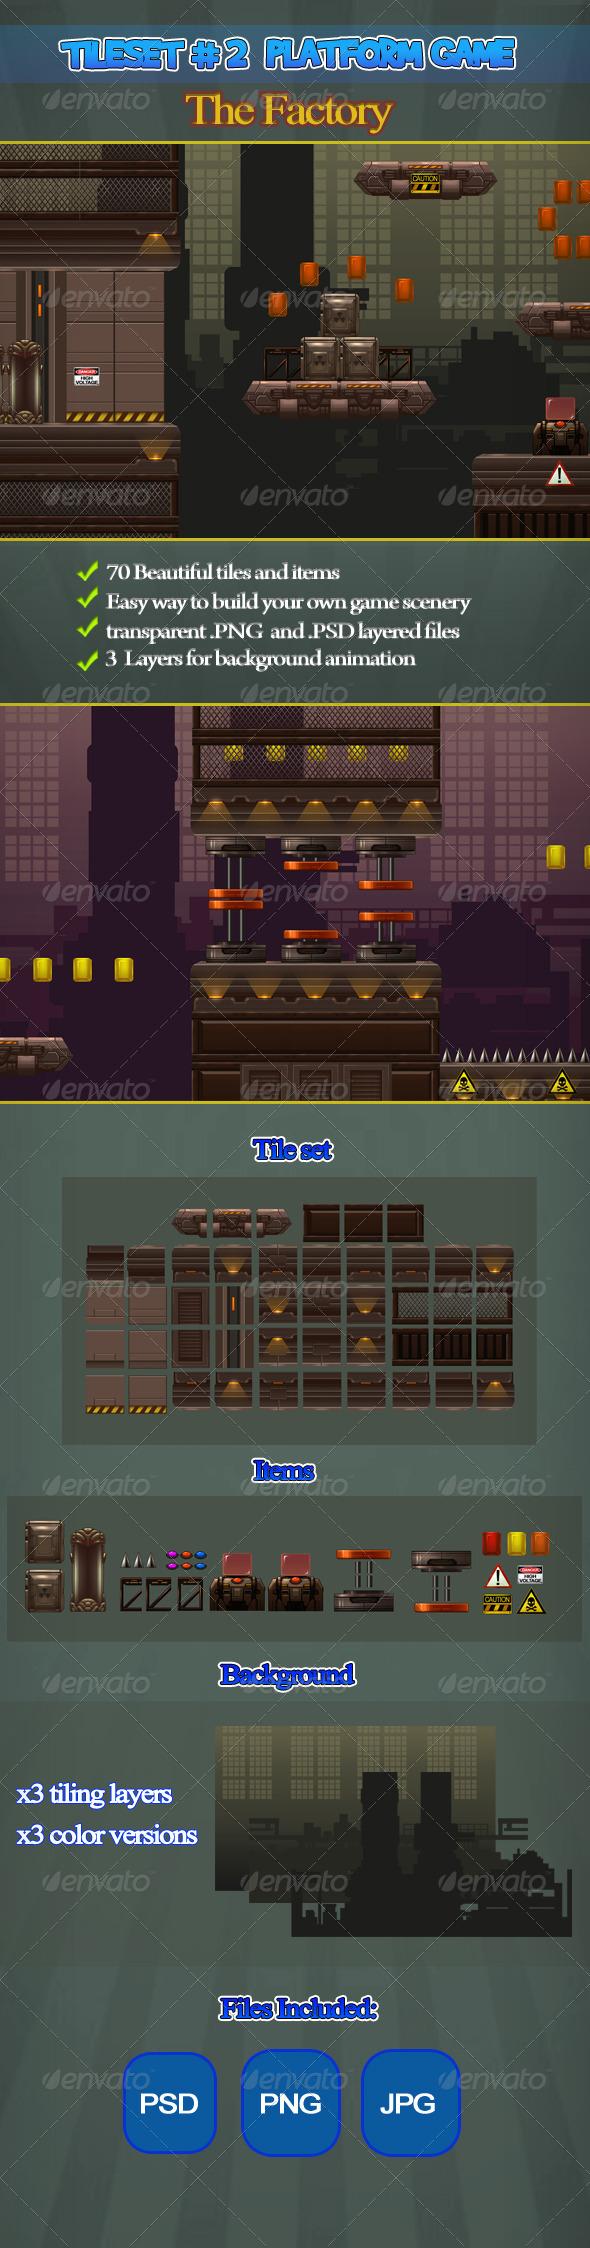 GraphicRiver 2D Tileset Platform Game 2 6418200